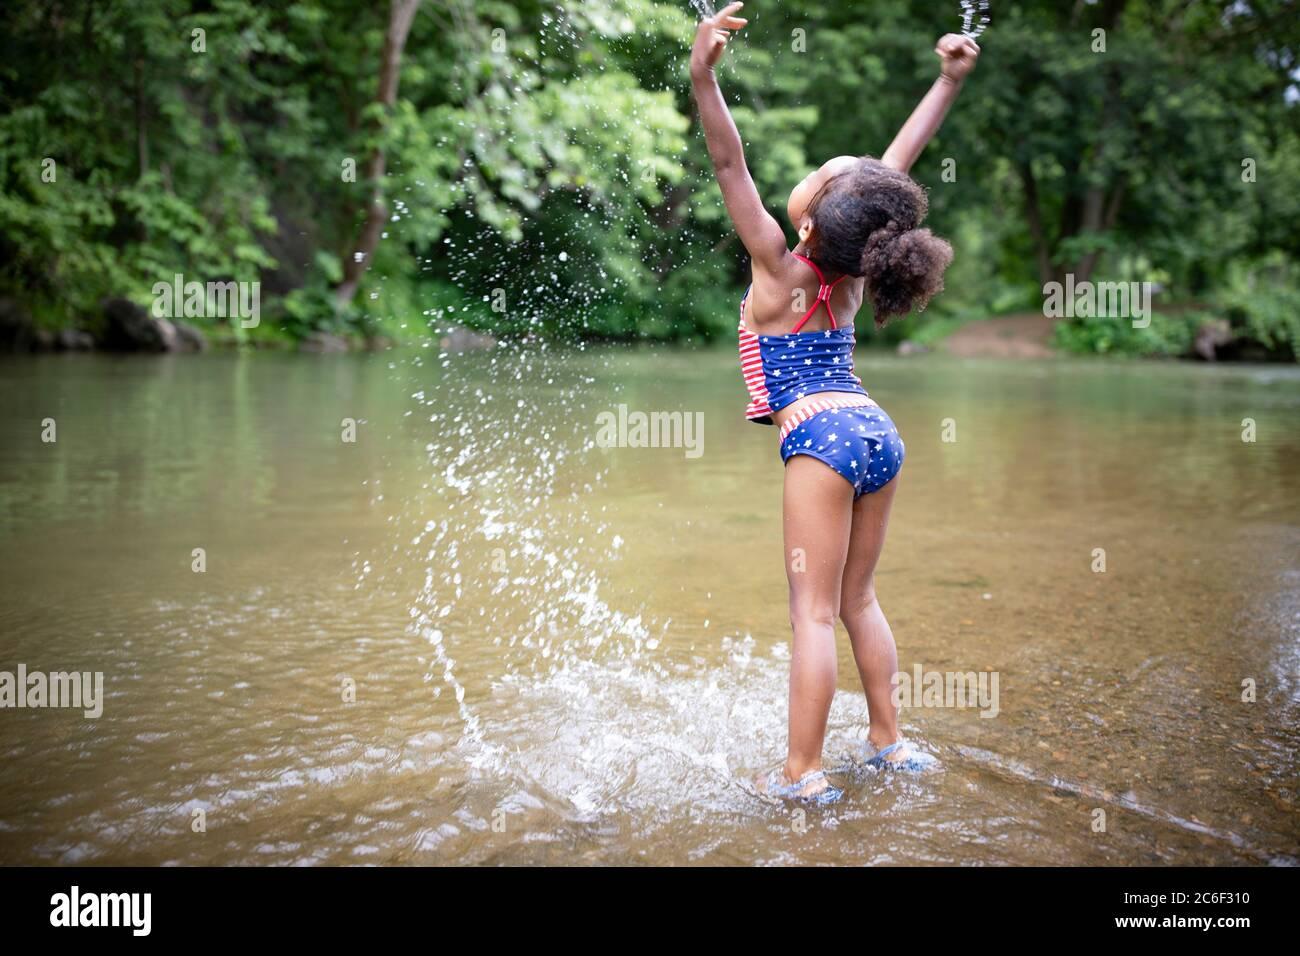 Une jeune fille se démène et éclabousse dans la rivière Shenandoah, en Virginie, aux États-Unis. Banque D'Images